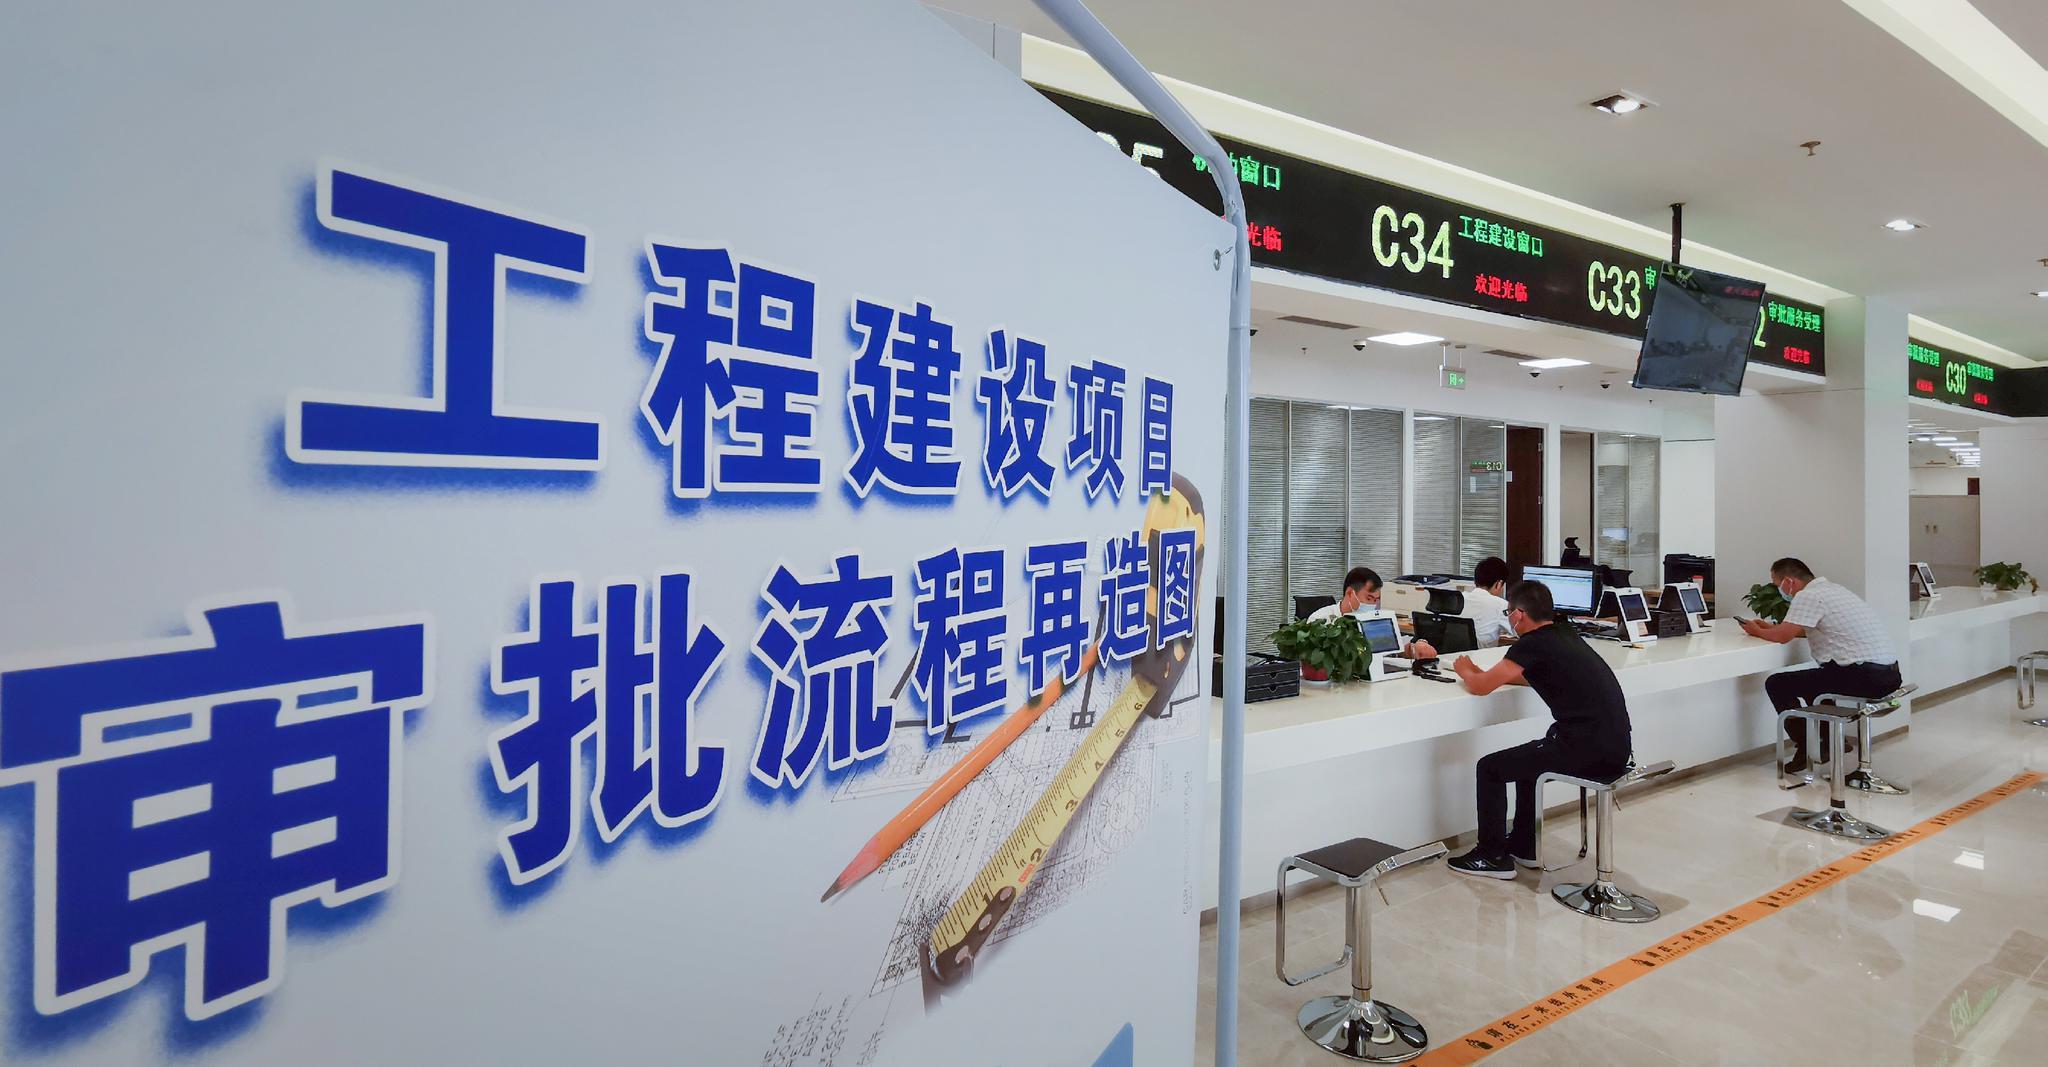 """枣庄市又一审批改革制度落地 项目立项审批实现""""市县同权"""""""